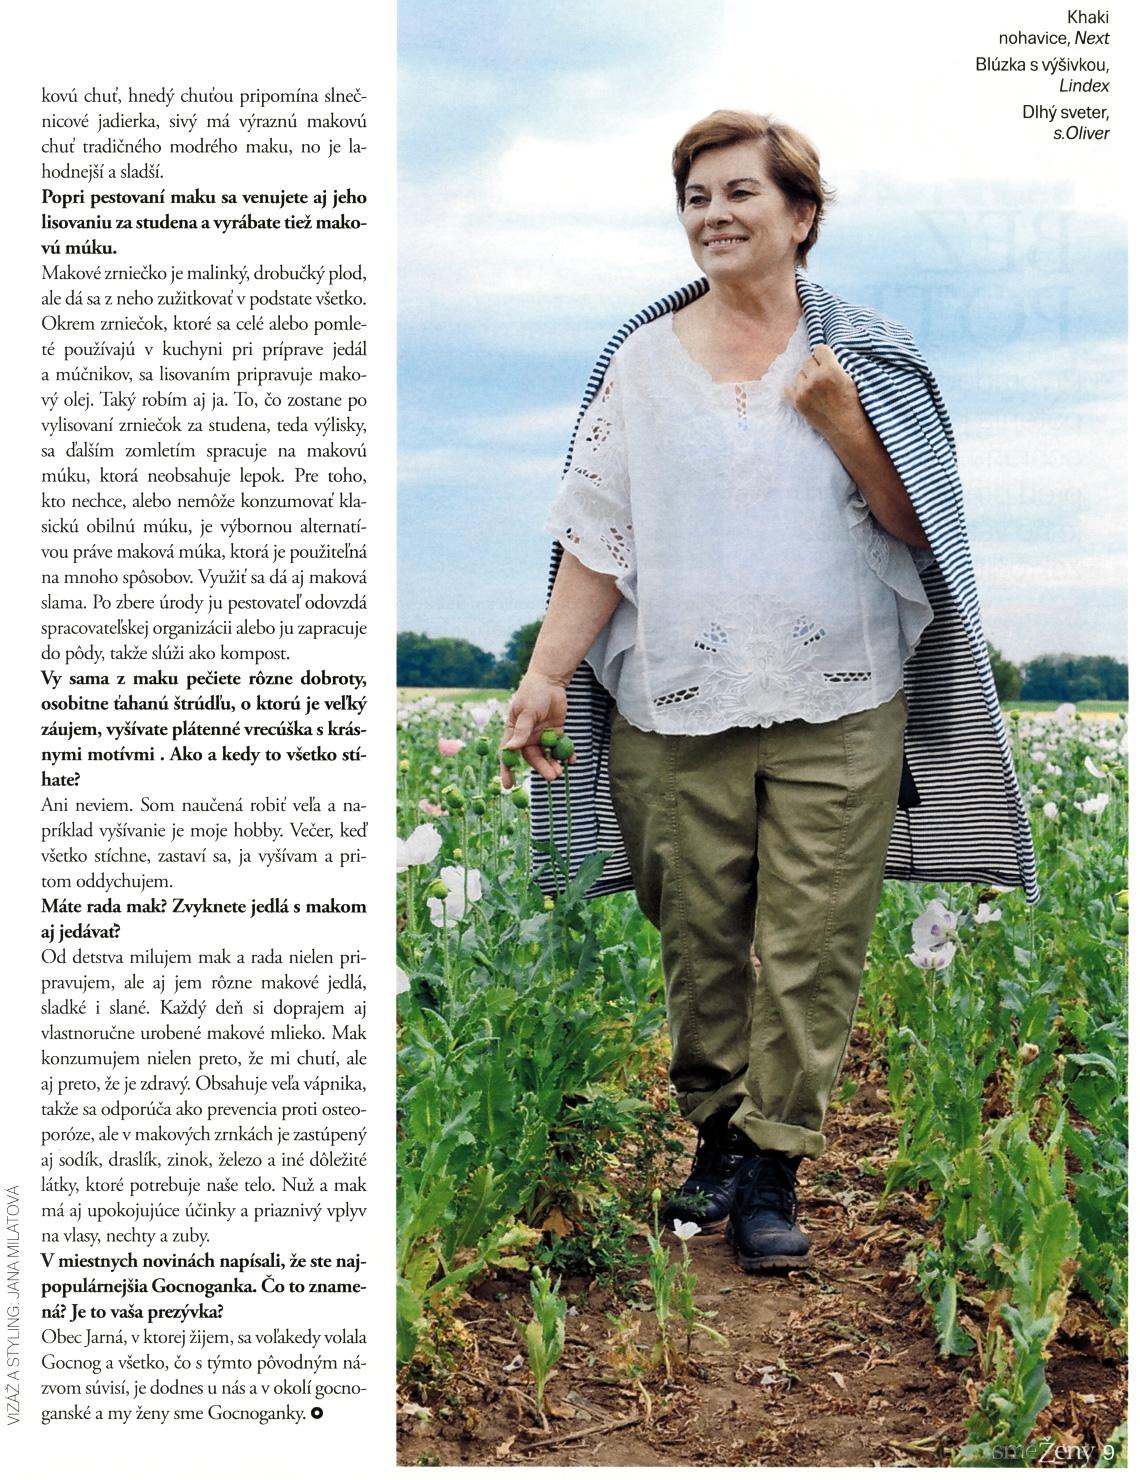 Mak z Jarnej - Gabriela Čechovičová - SME Ženy – osobnosť, číslo 30, 29.júla 2017